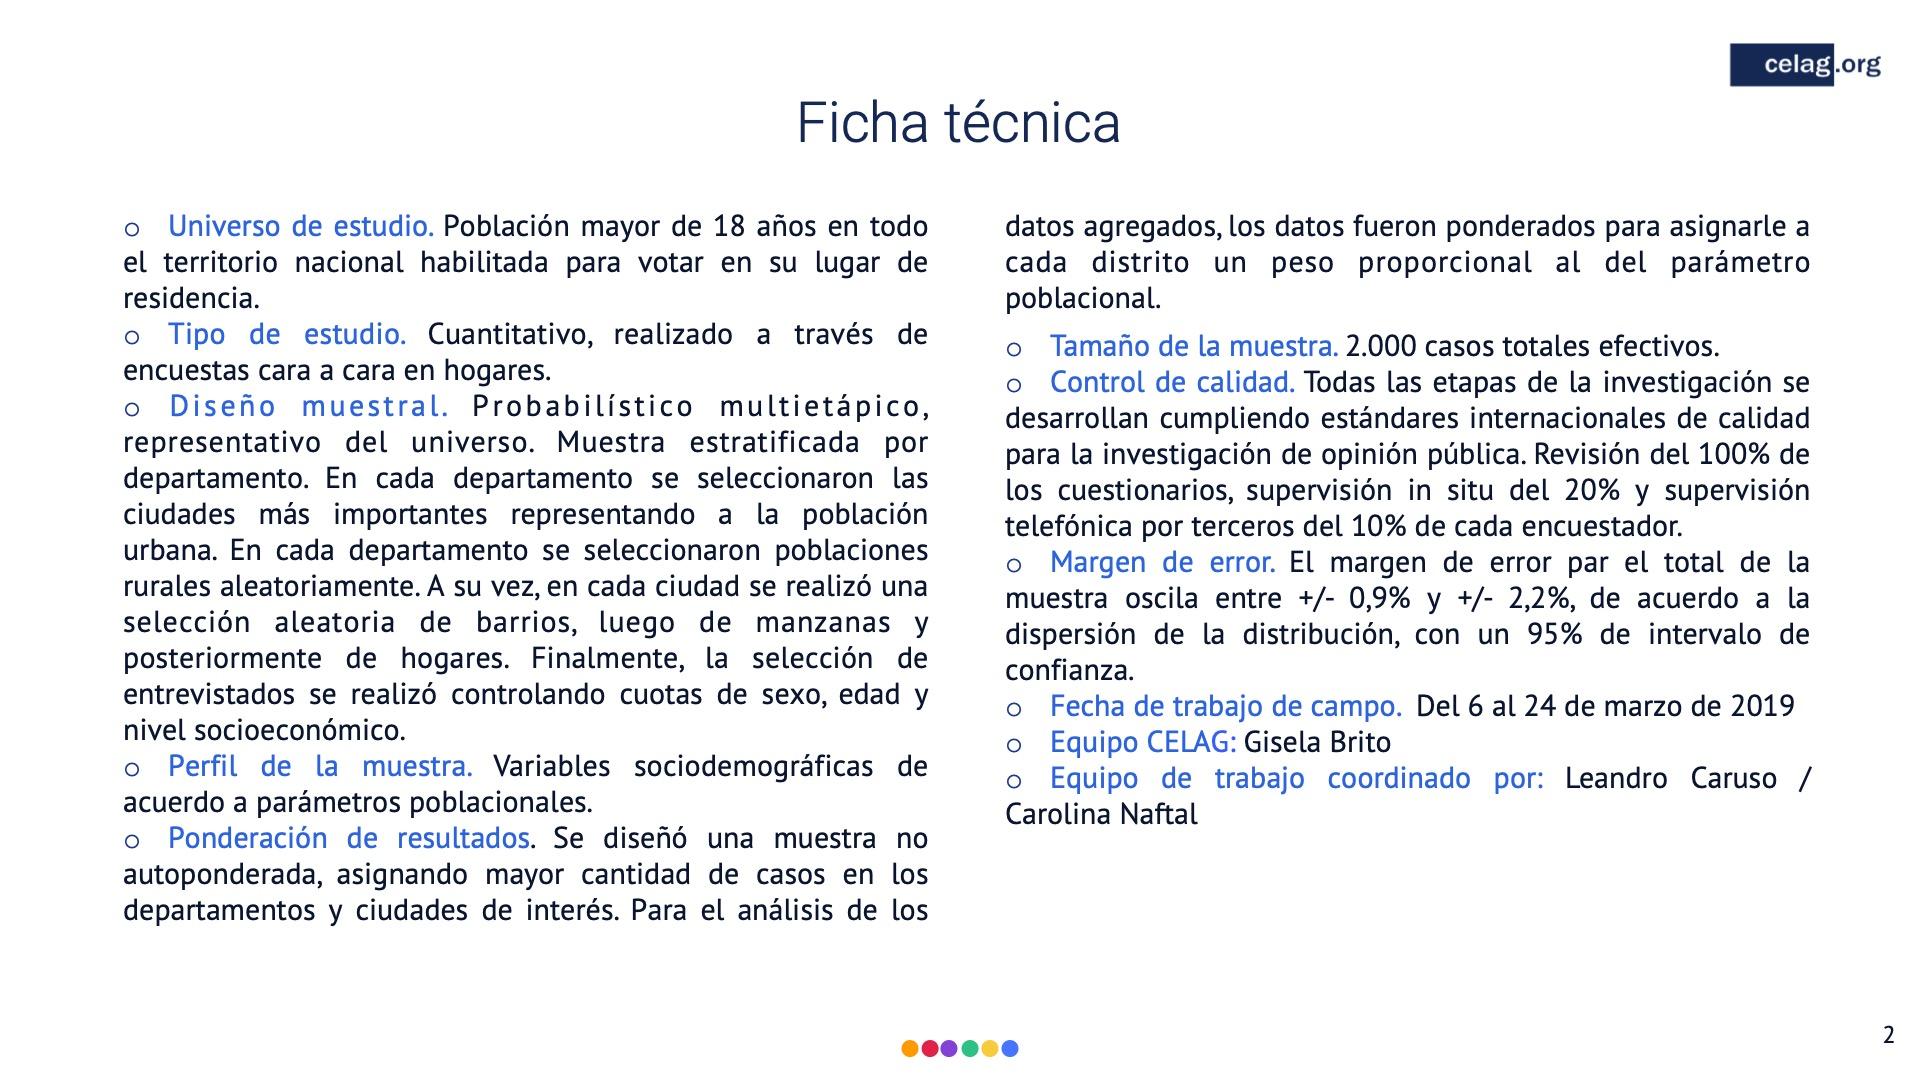 02 Elecciones bolivia ficha tecnica